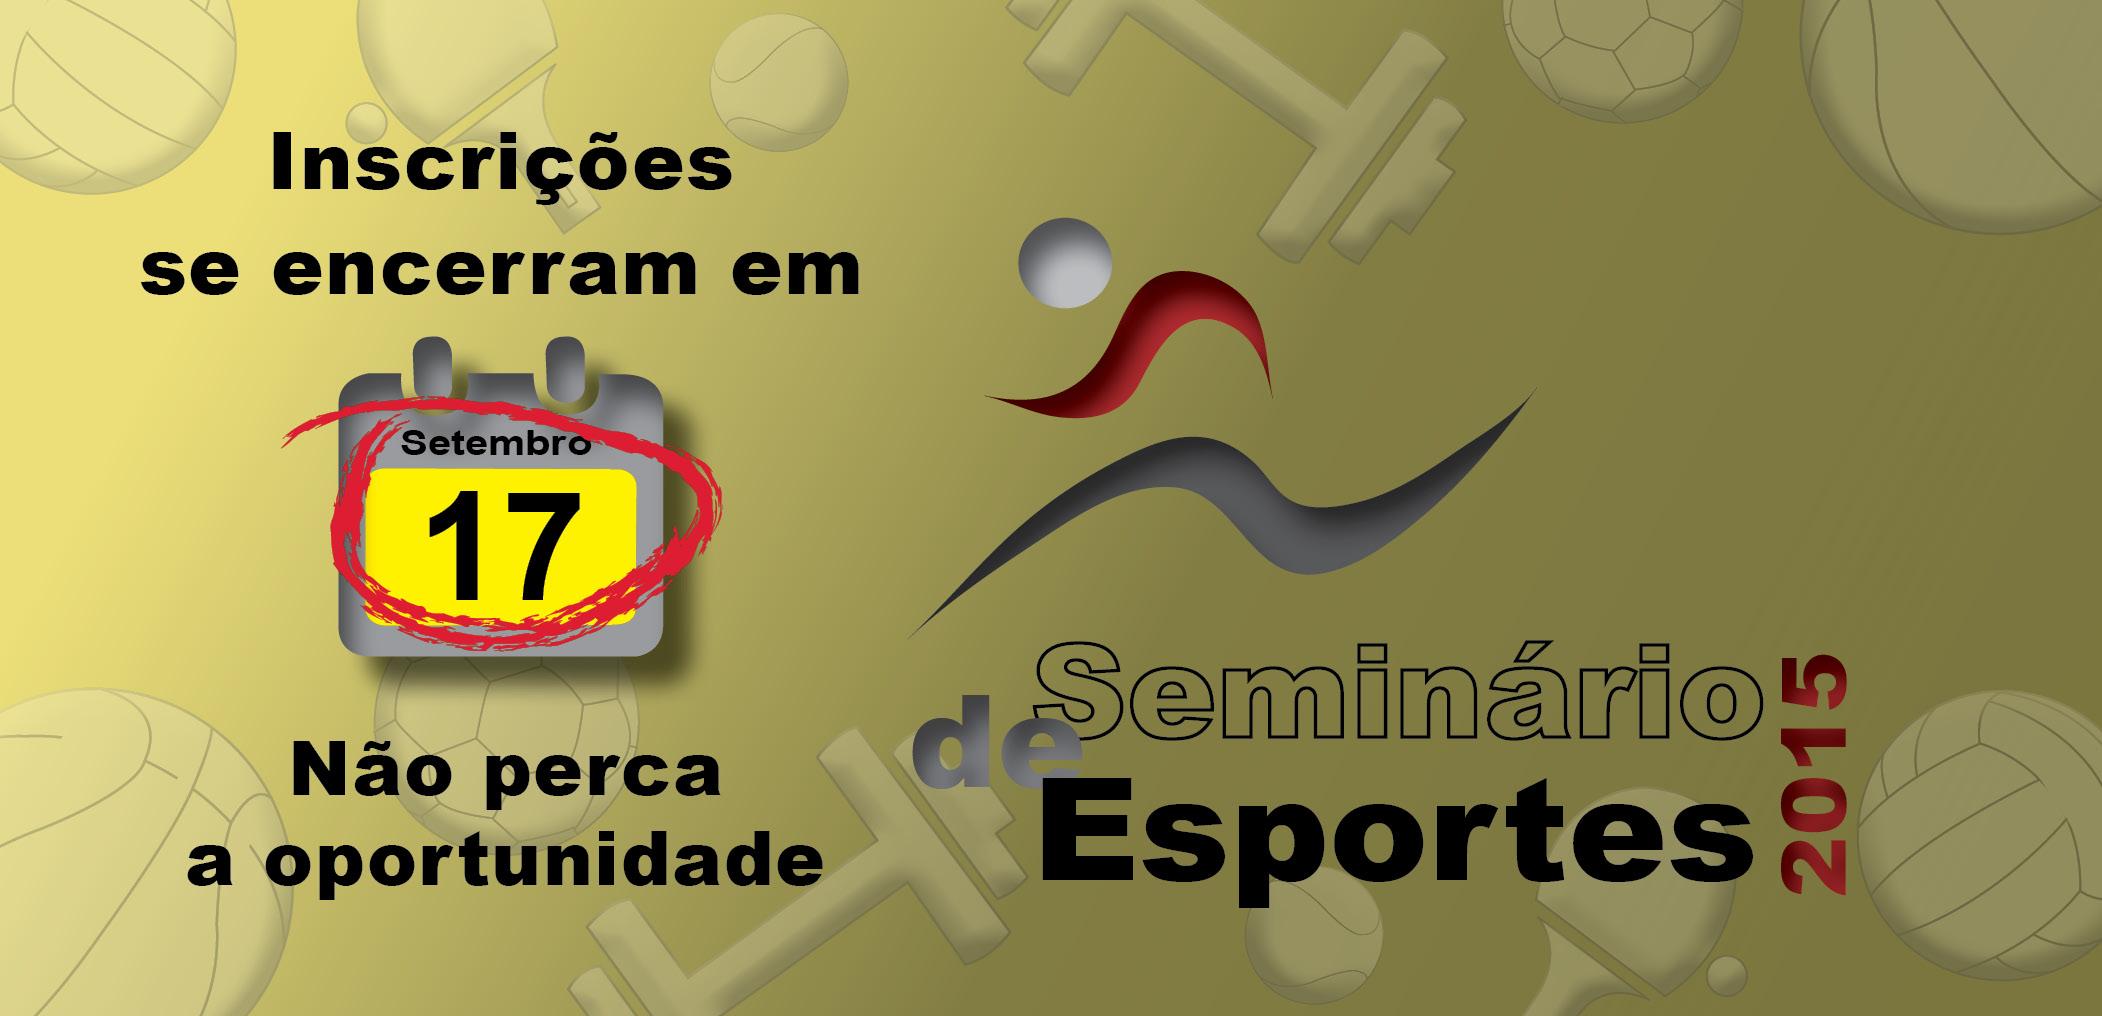 BANNER SITE SEMINÁRIO 2015-INSCRIÇÕES se encerram dia 17 - 8-7-15